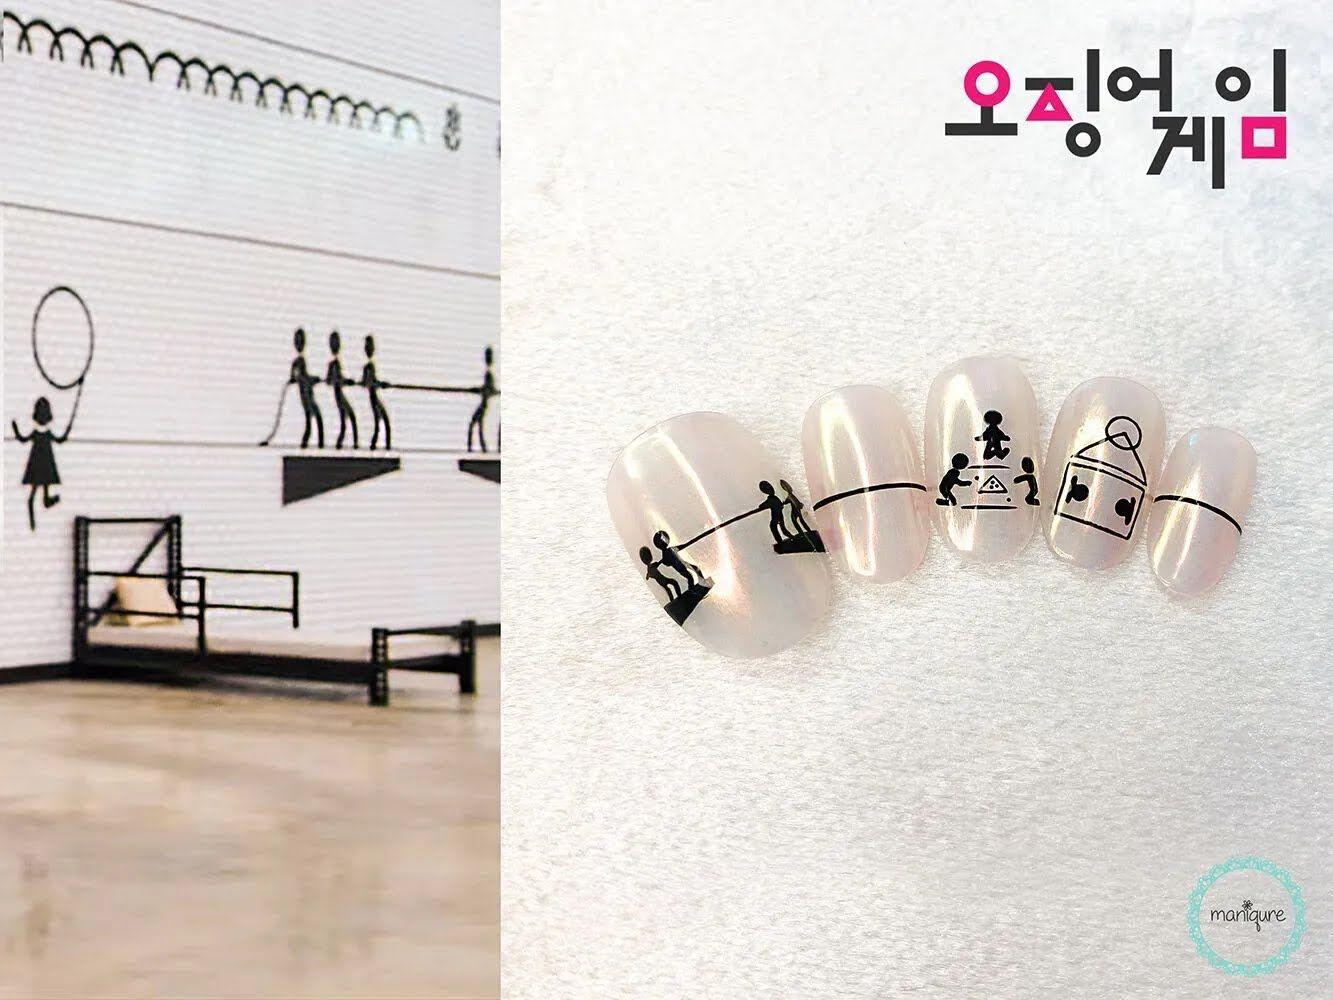 Дизайн нігтів із відсиланням до серіалу